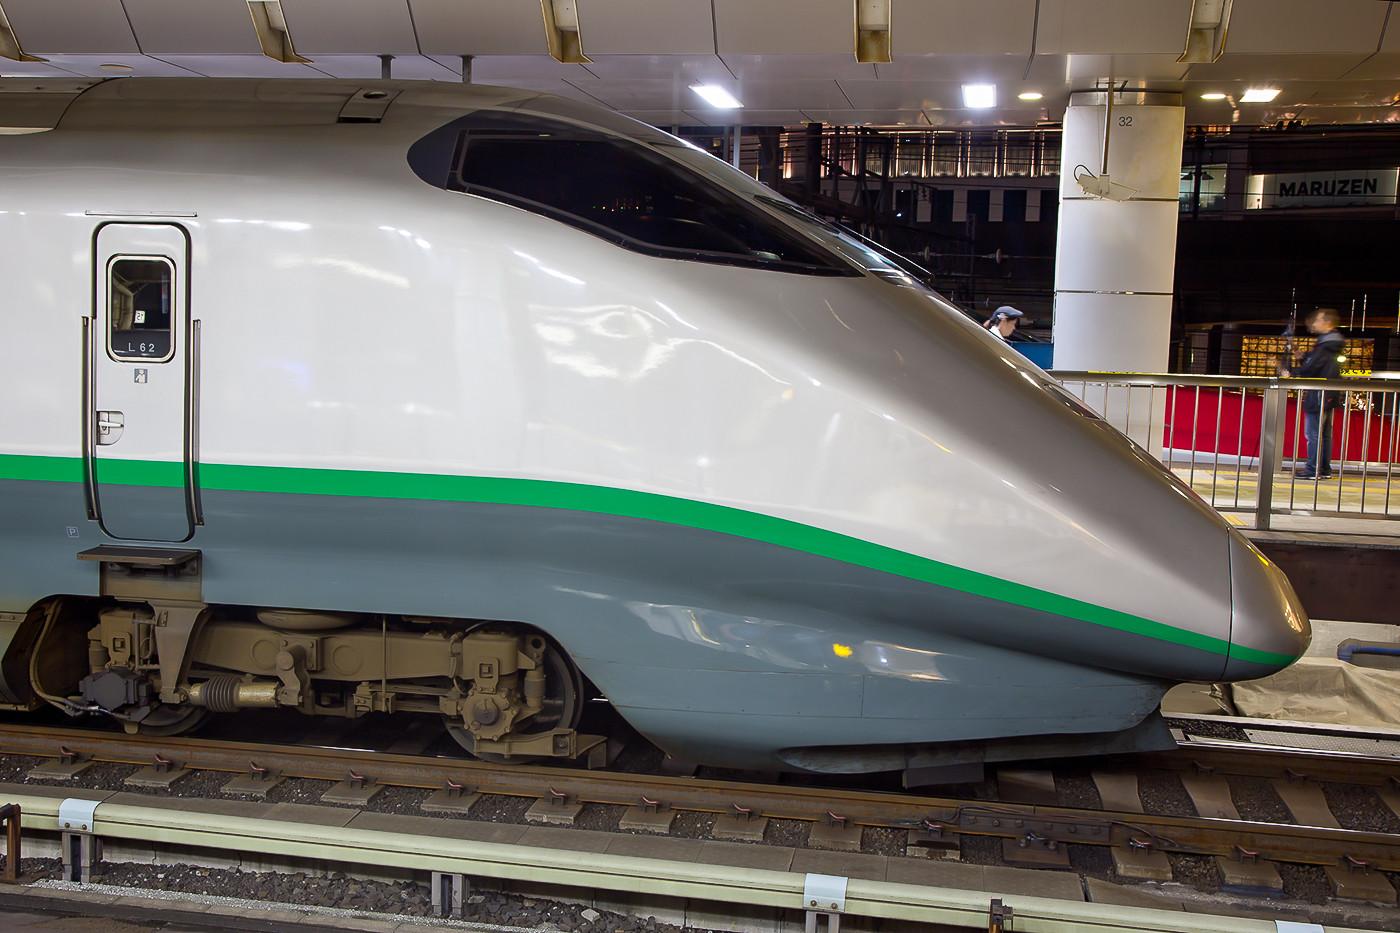 """Baureihe E3 als """"Tsubasa-Shinkansen"""" nach Shinjo. Ab Fukushima fährt er auf Grund der vielen Kurven nur noch 130 km/h. Bis dort kann er 275 km/h fahren."""